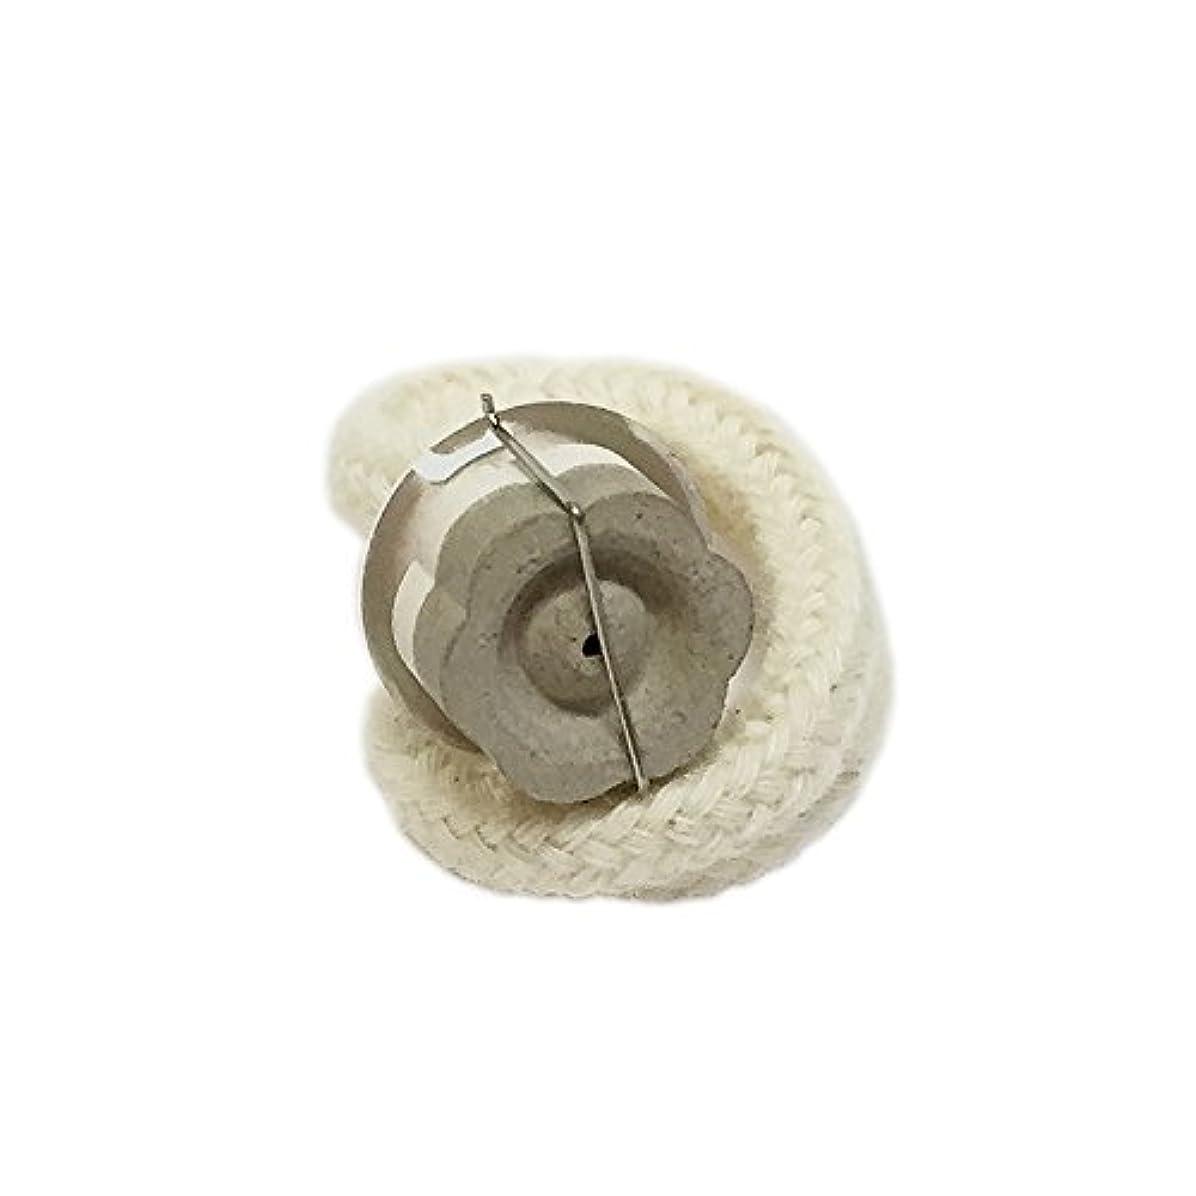 ワークショップスチュワードオールミニランプ用 交換バーナー (シルバー) セラミック芯